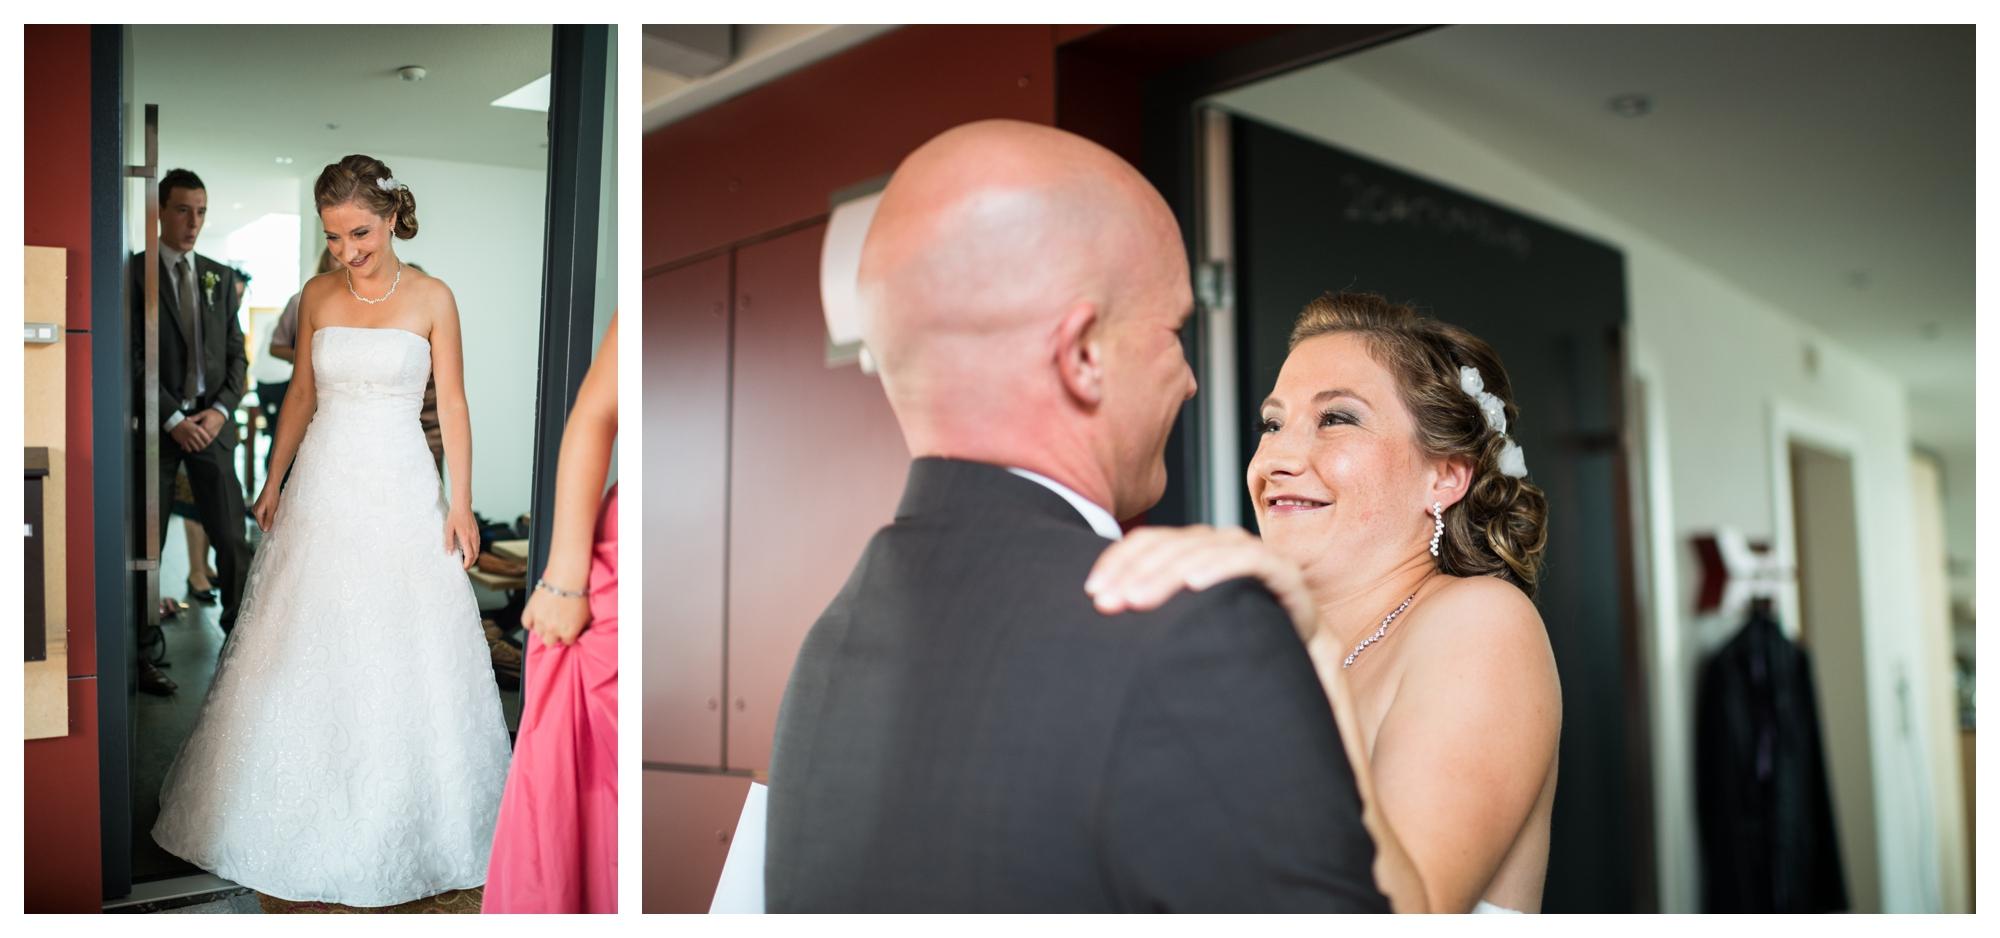 Fotograf Konstanz - 2013 12 09 0001 - Als Hochzeitsfotograf in Bad Dürrheim unterwegs  - 9 -